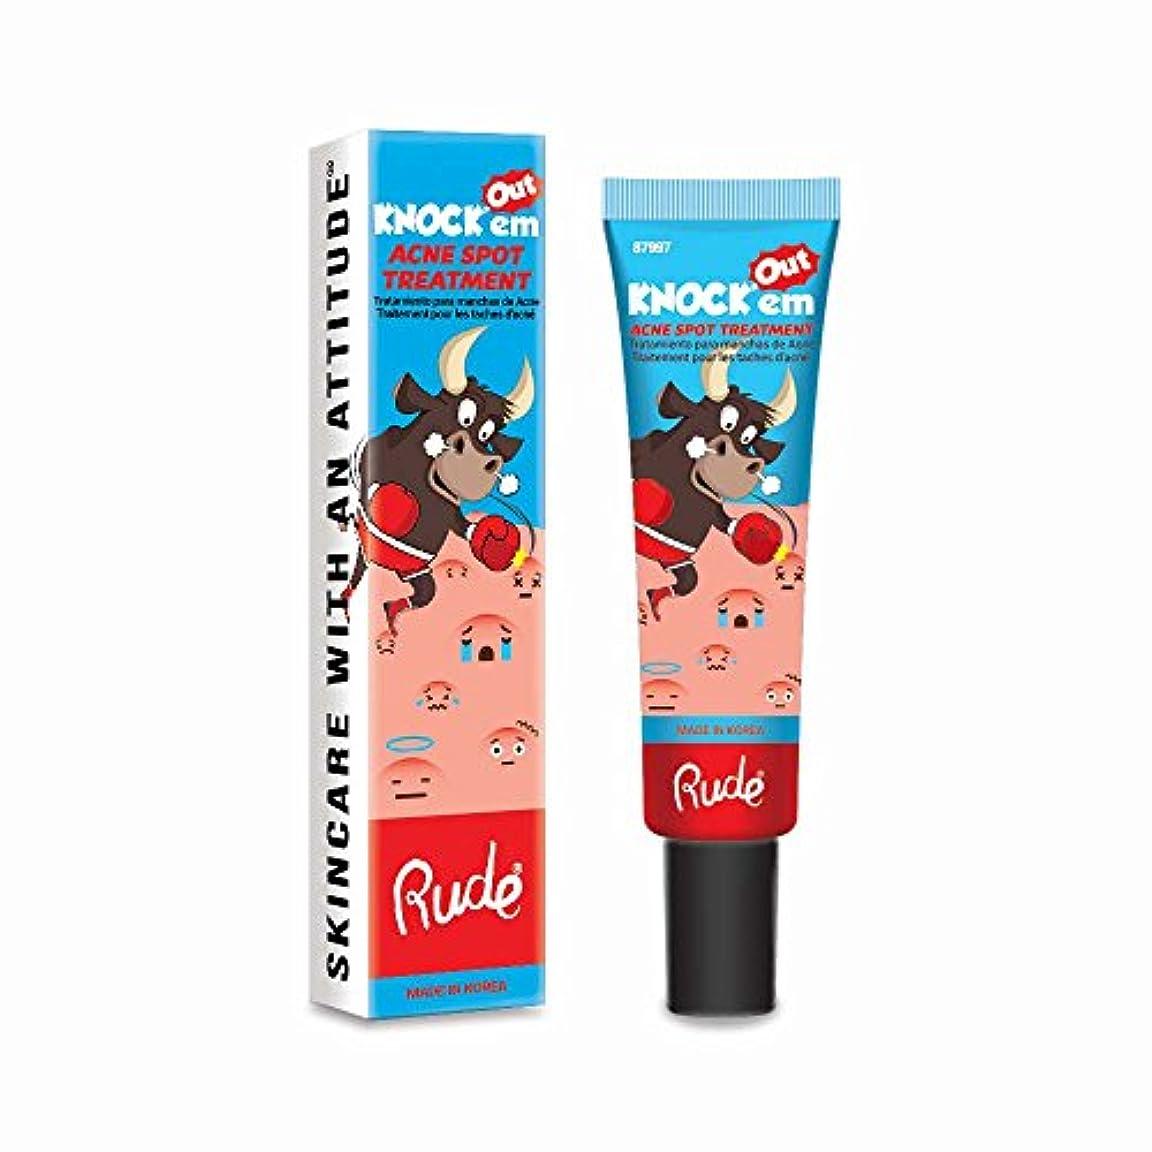 発行する時間圧倒する(3 Pack) RUDE Knock'em Acne Spot Treatment (並行輸入品)